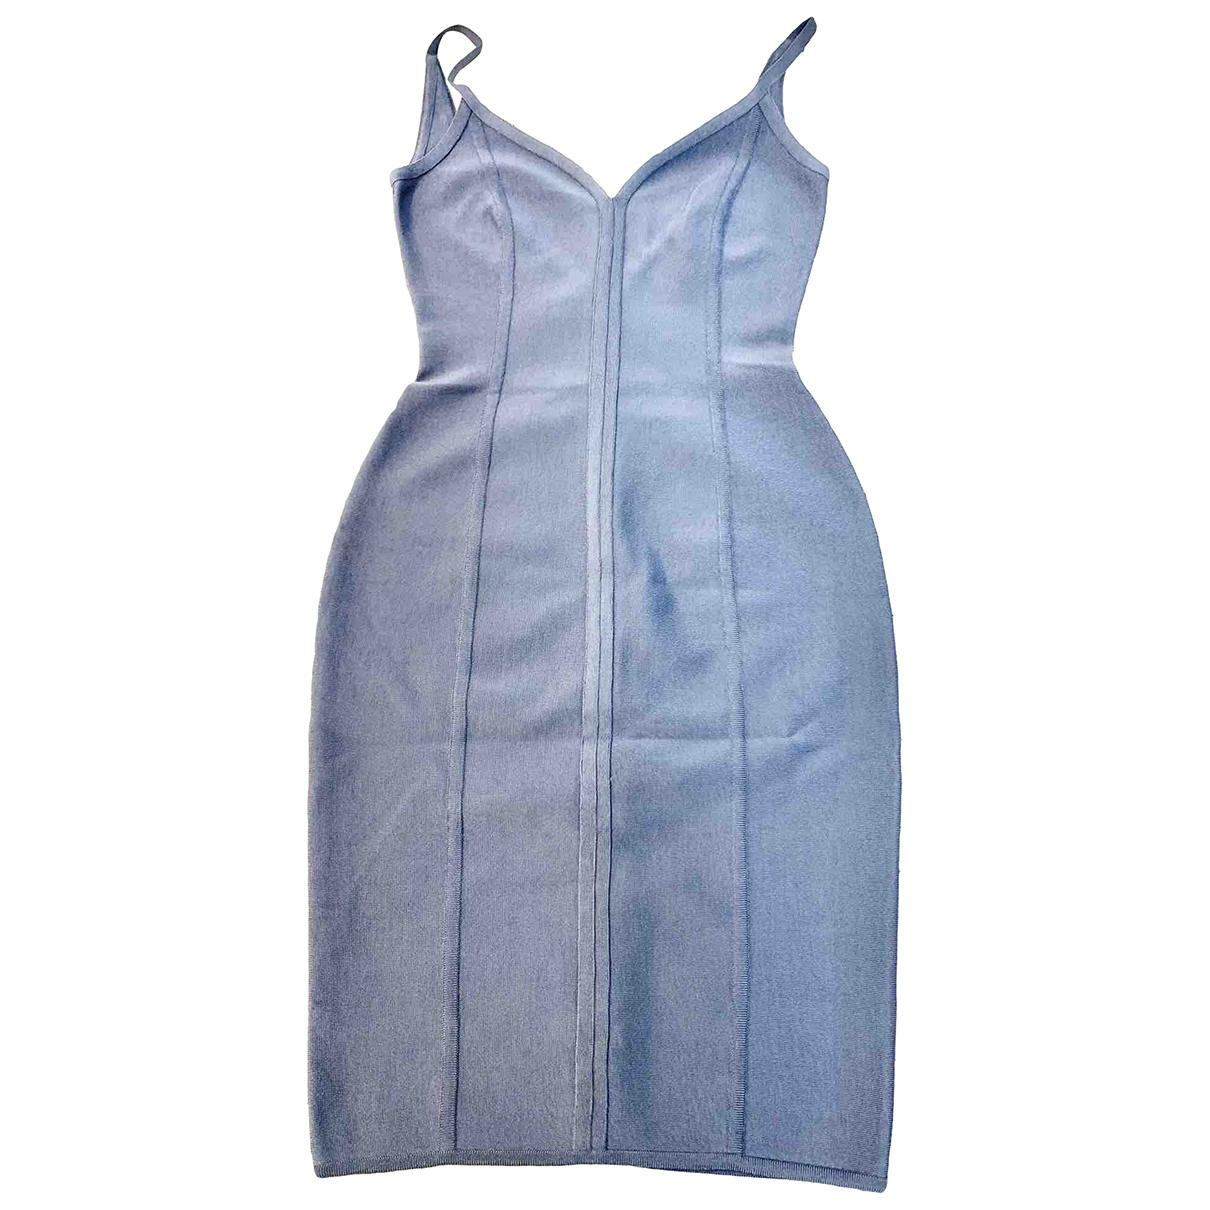 Herve L Leroux - Robe   pour femme - gris